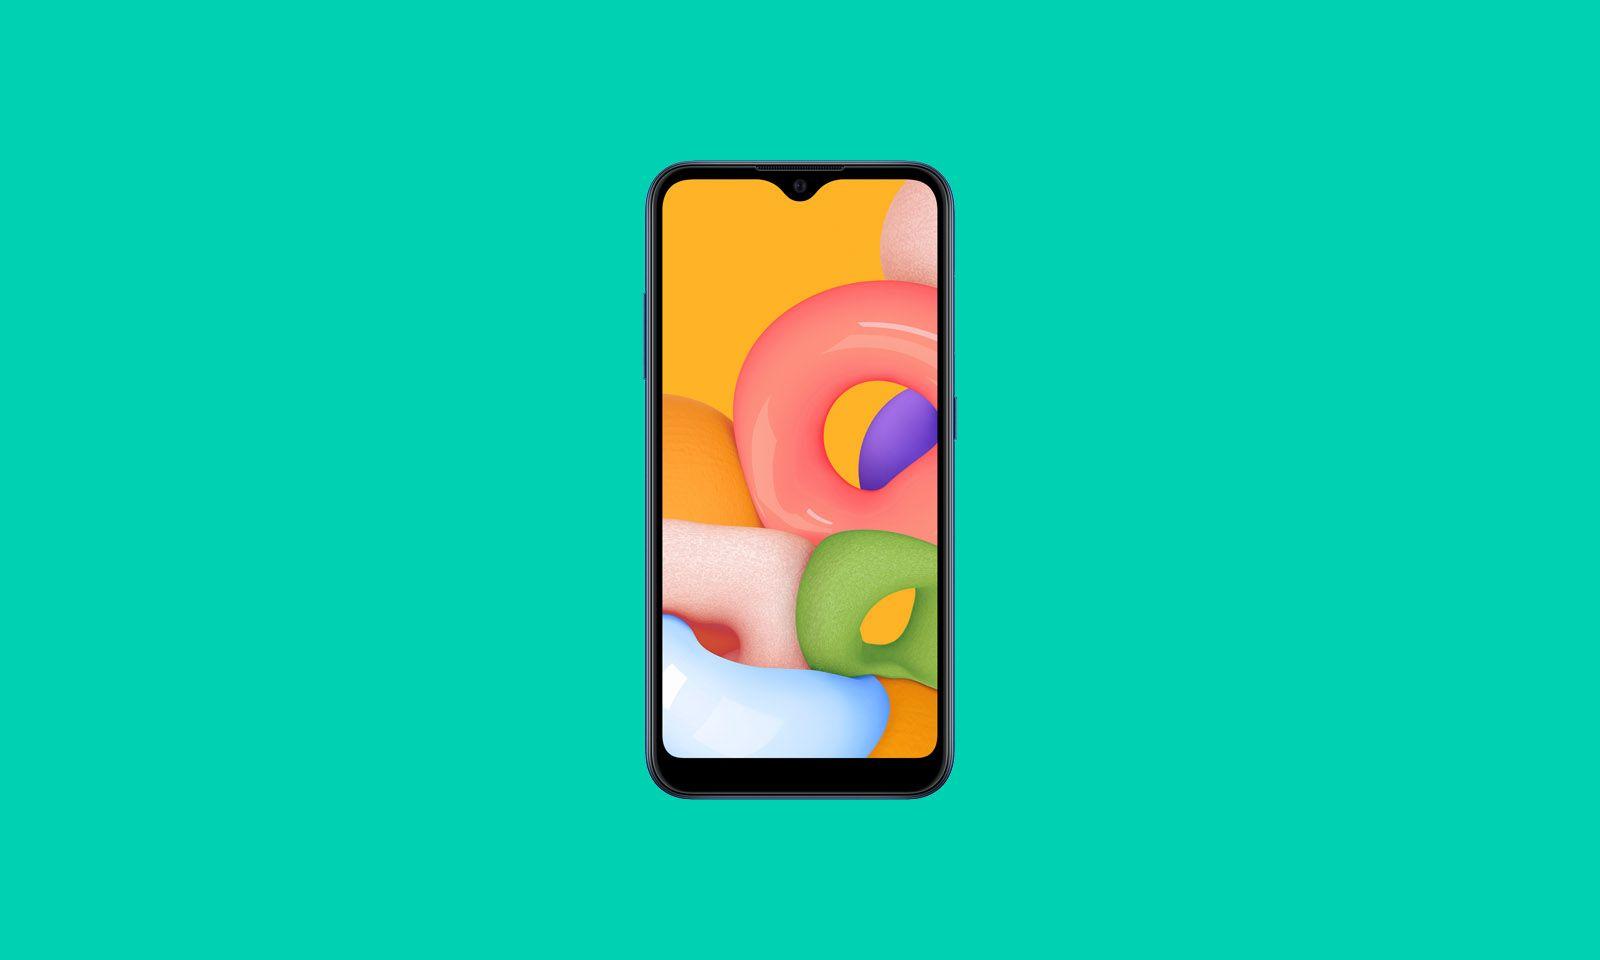 Samsung Galaxy A01: Memenuhi Semua Kebutuhan Smartphone Anda